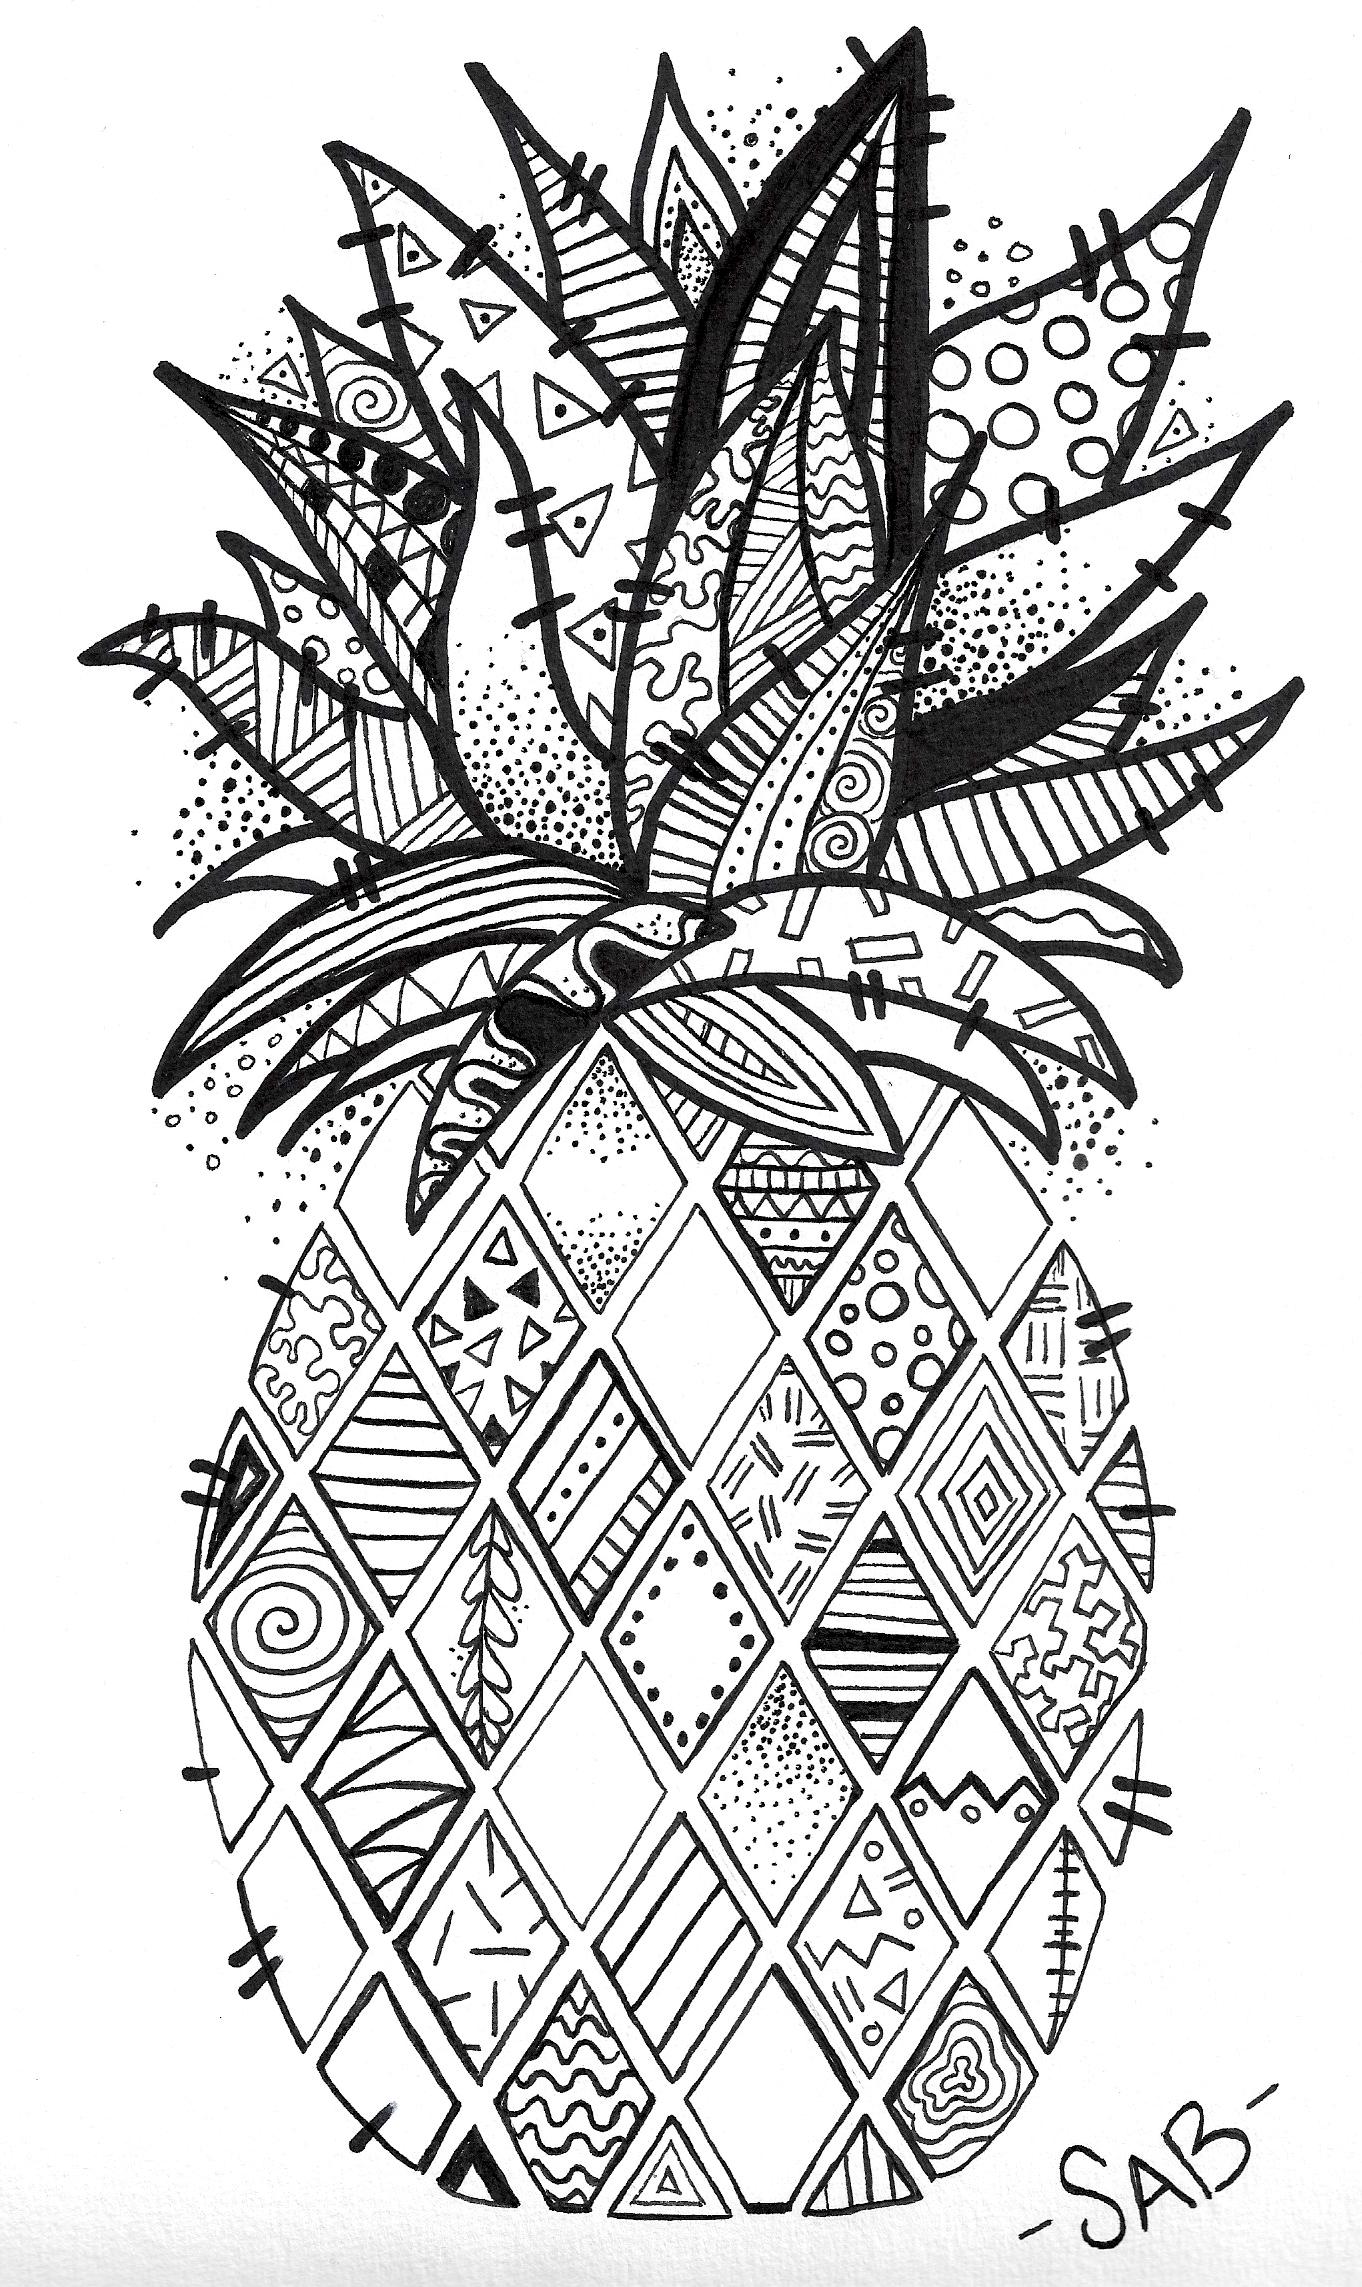 Dessin-ananas.jpg (2.06 MB)